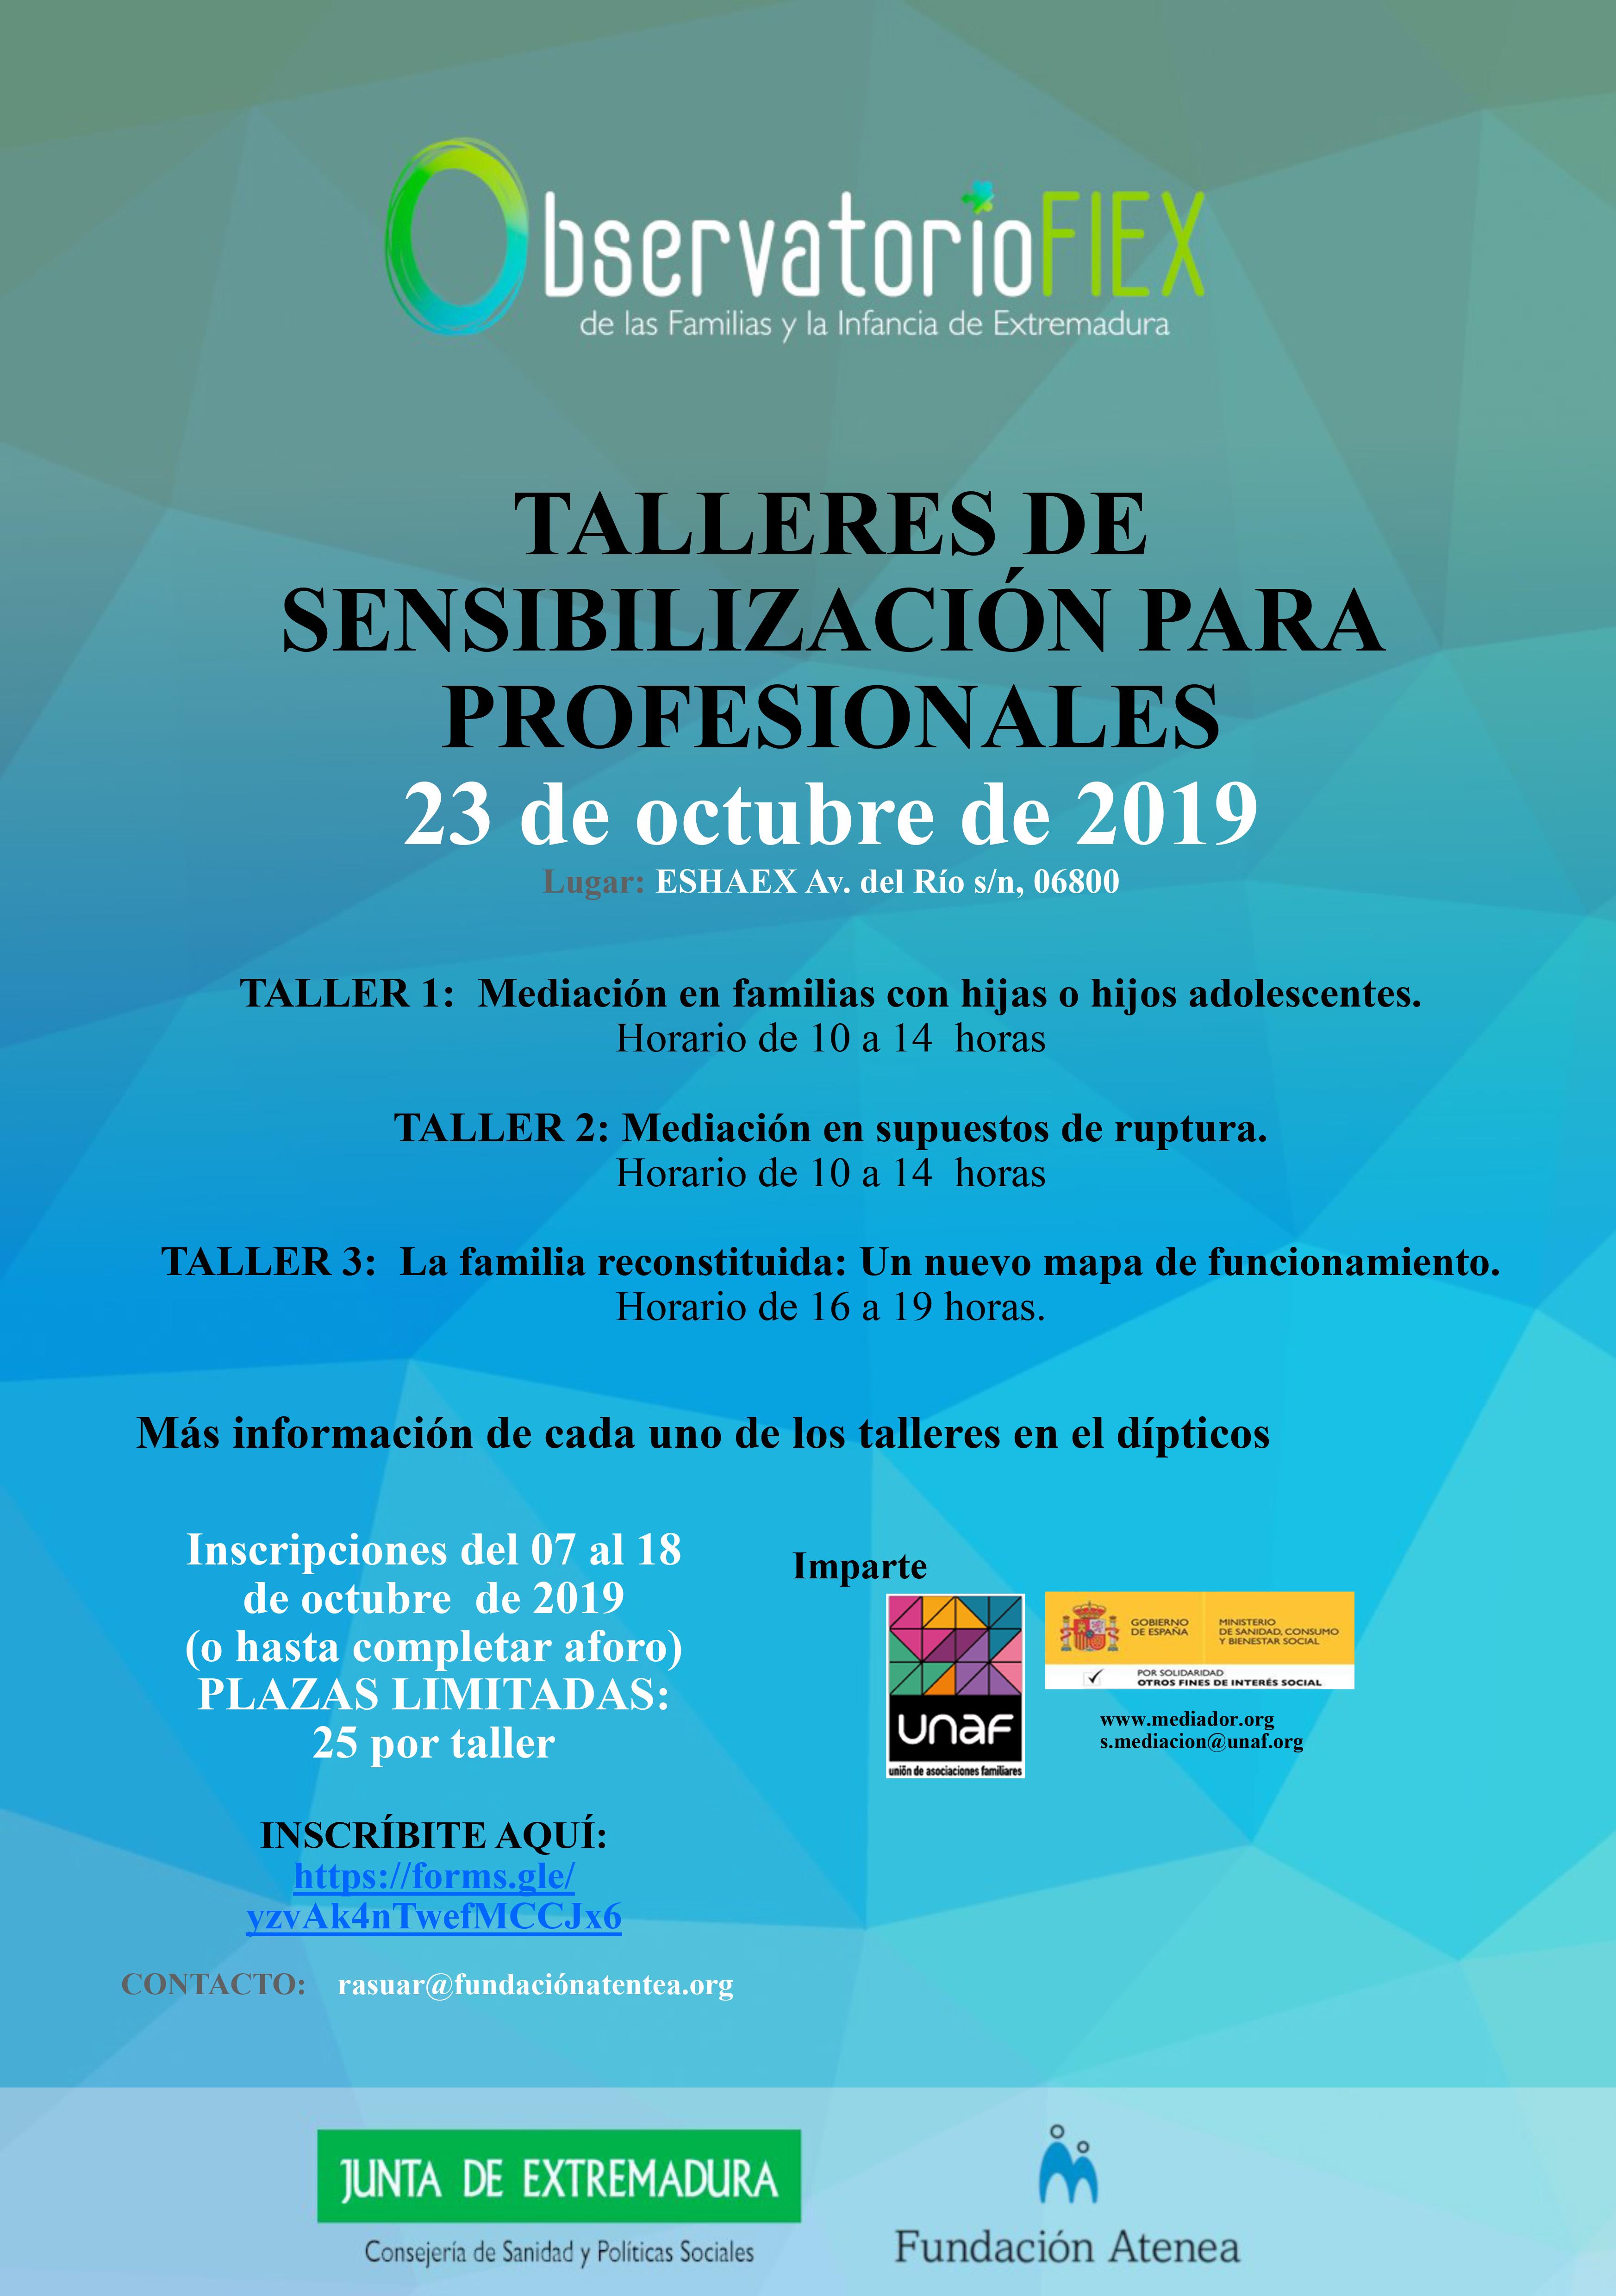 UNAF compartirá con familias y profesionales de Extremadura pautas para mejorar la convivencia familiar y resolver conflictos de forma positiva